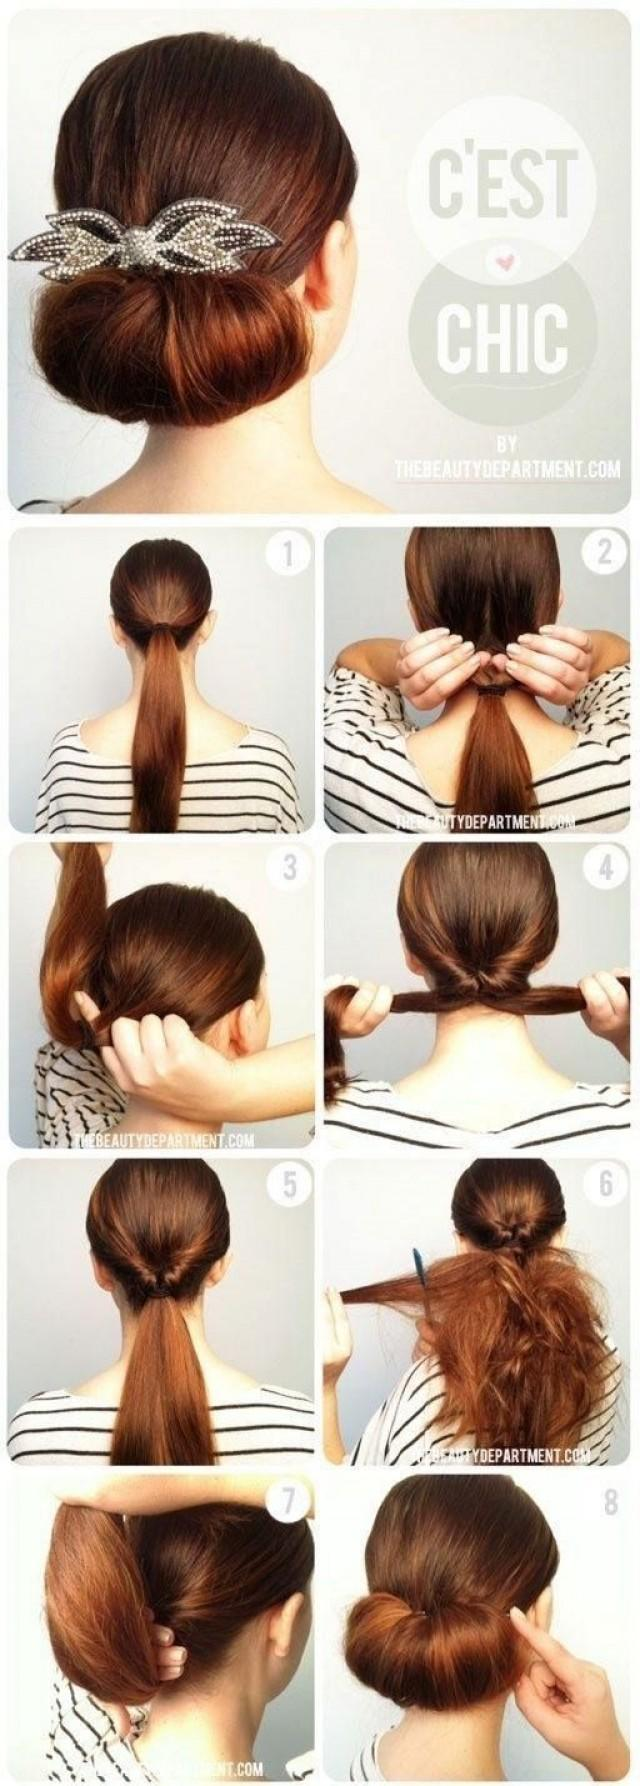 Updo Hair Model #1 - Weddbook